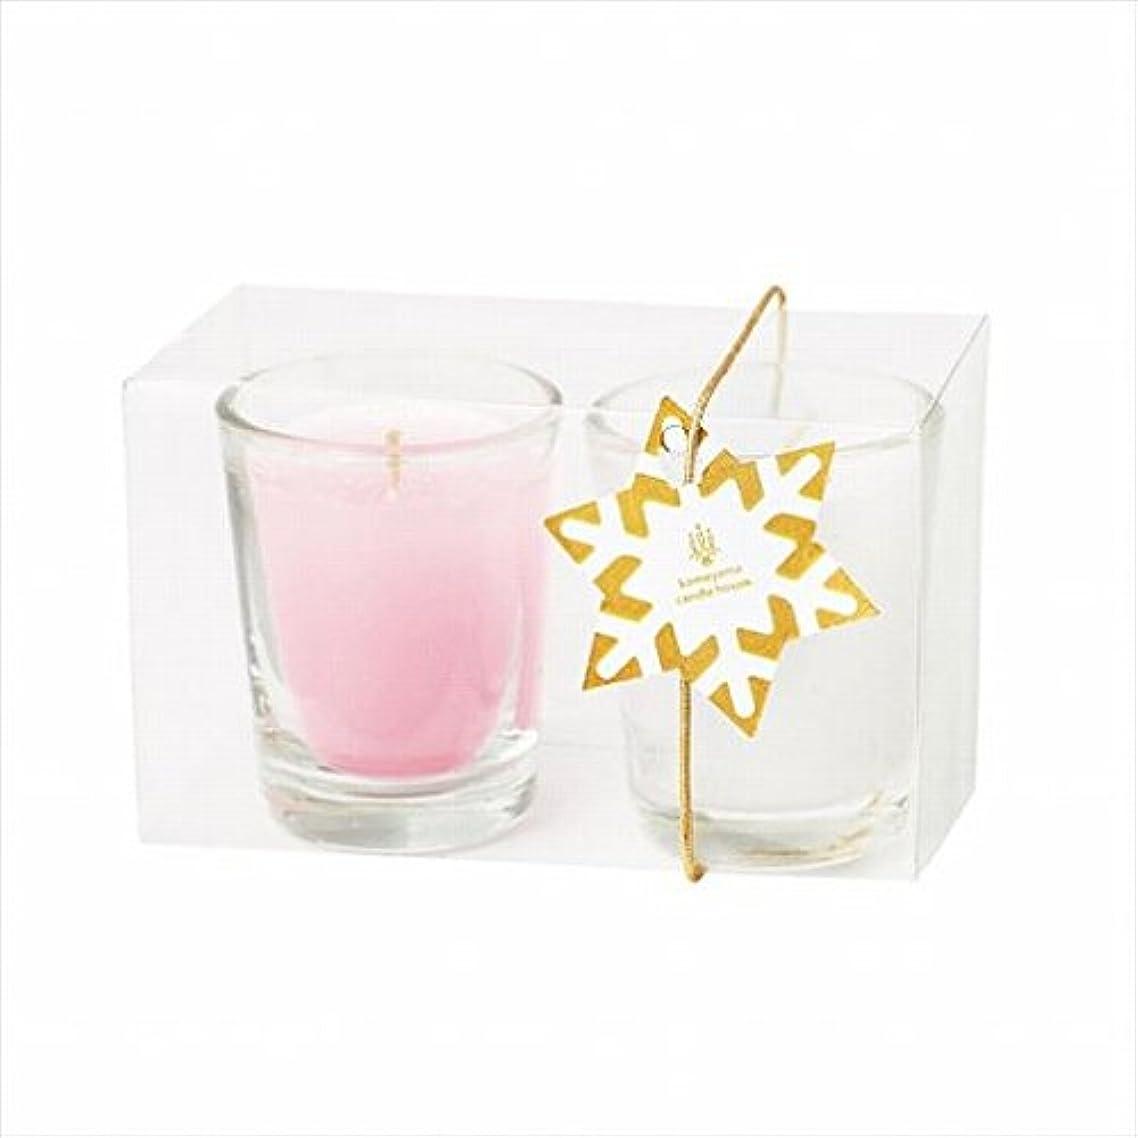 学部アスペクト最適カメヤマキャンドル(kameyama candle) ミニライト2個入り 「 ホワイト&ピンク 」